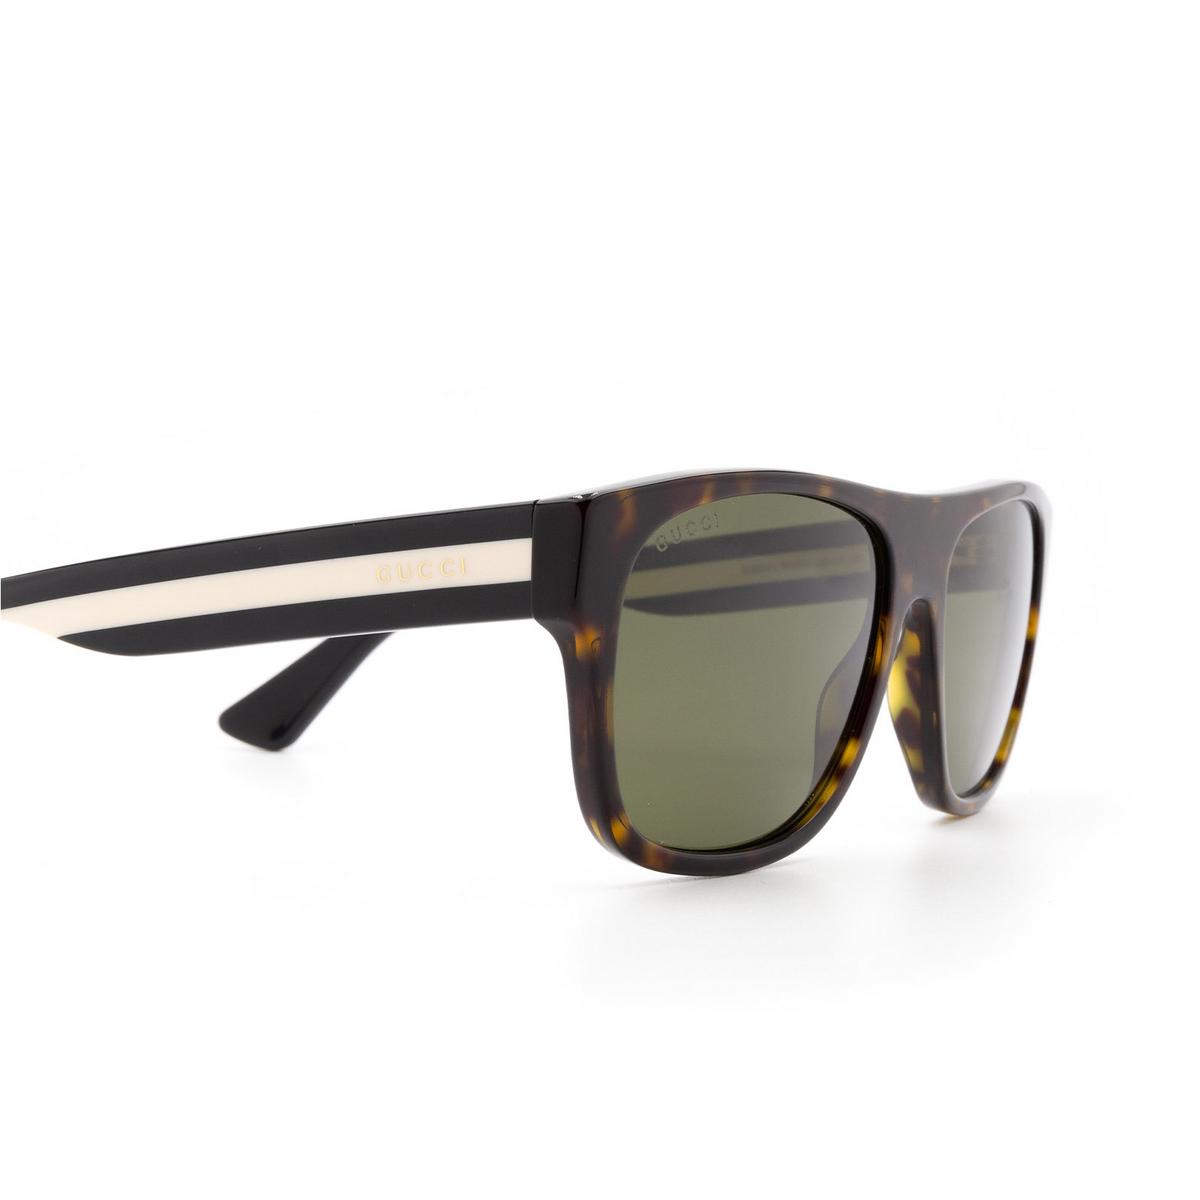 Gucci® Square Sunglasses: GG0341S color Havana 003 - 3/3.